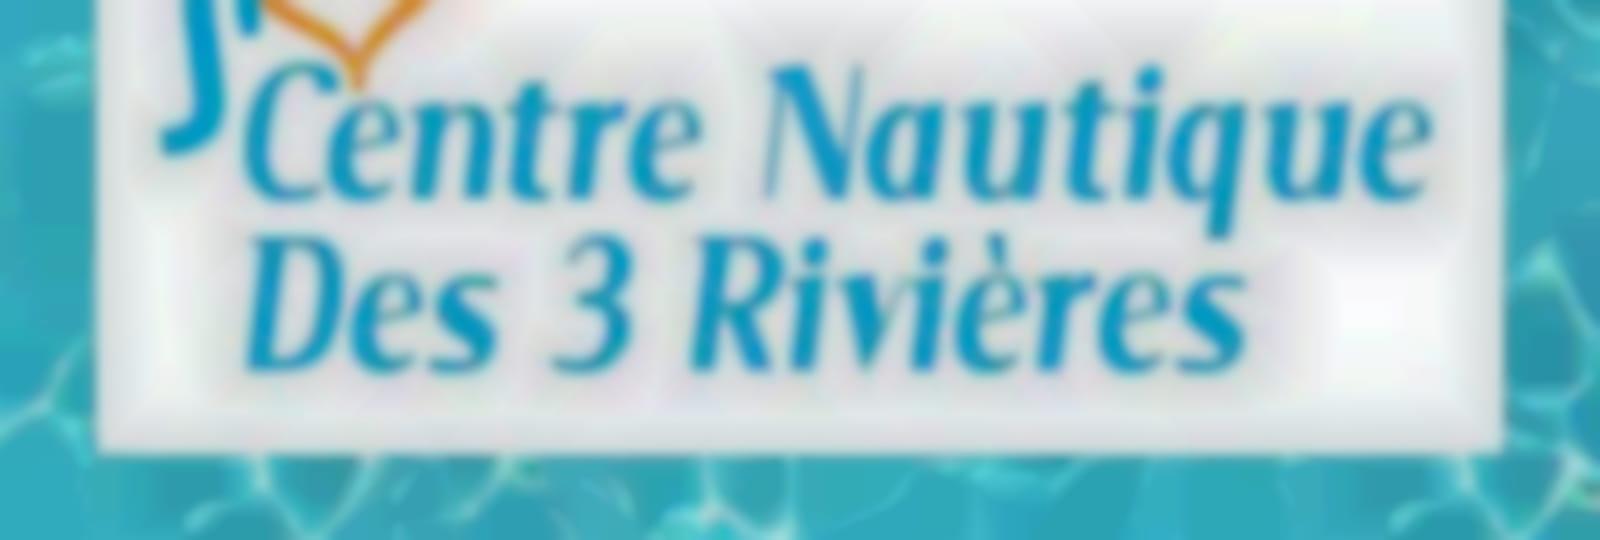 Centre nautique des Trois Rivières